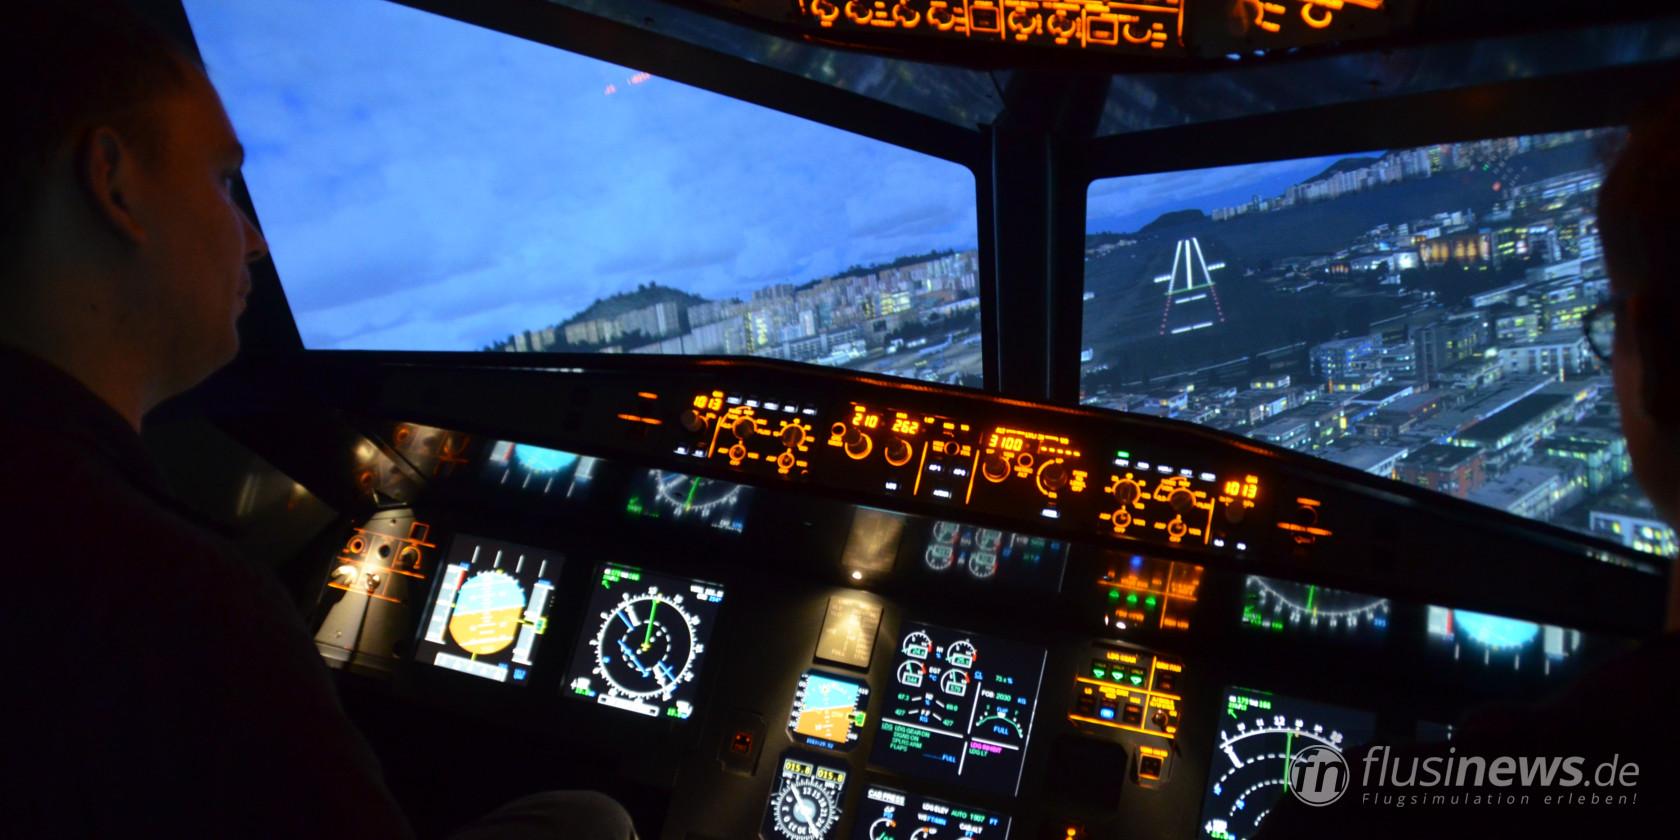 Unterwegs im Flugsimulator Frankfurt